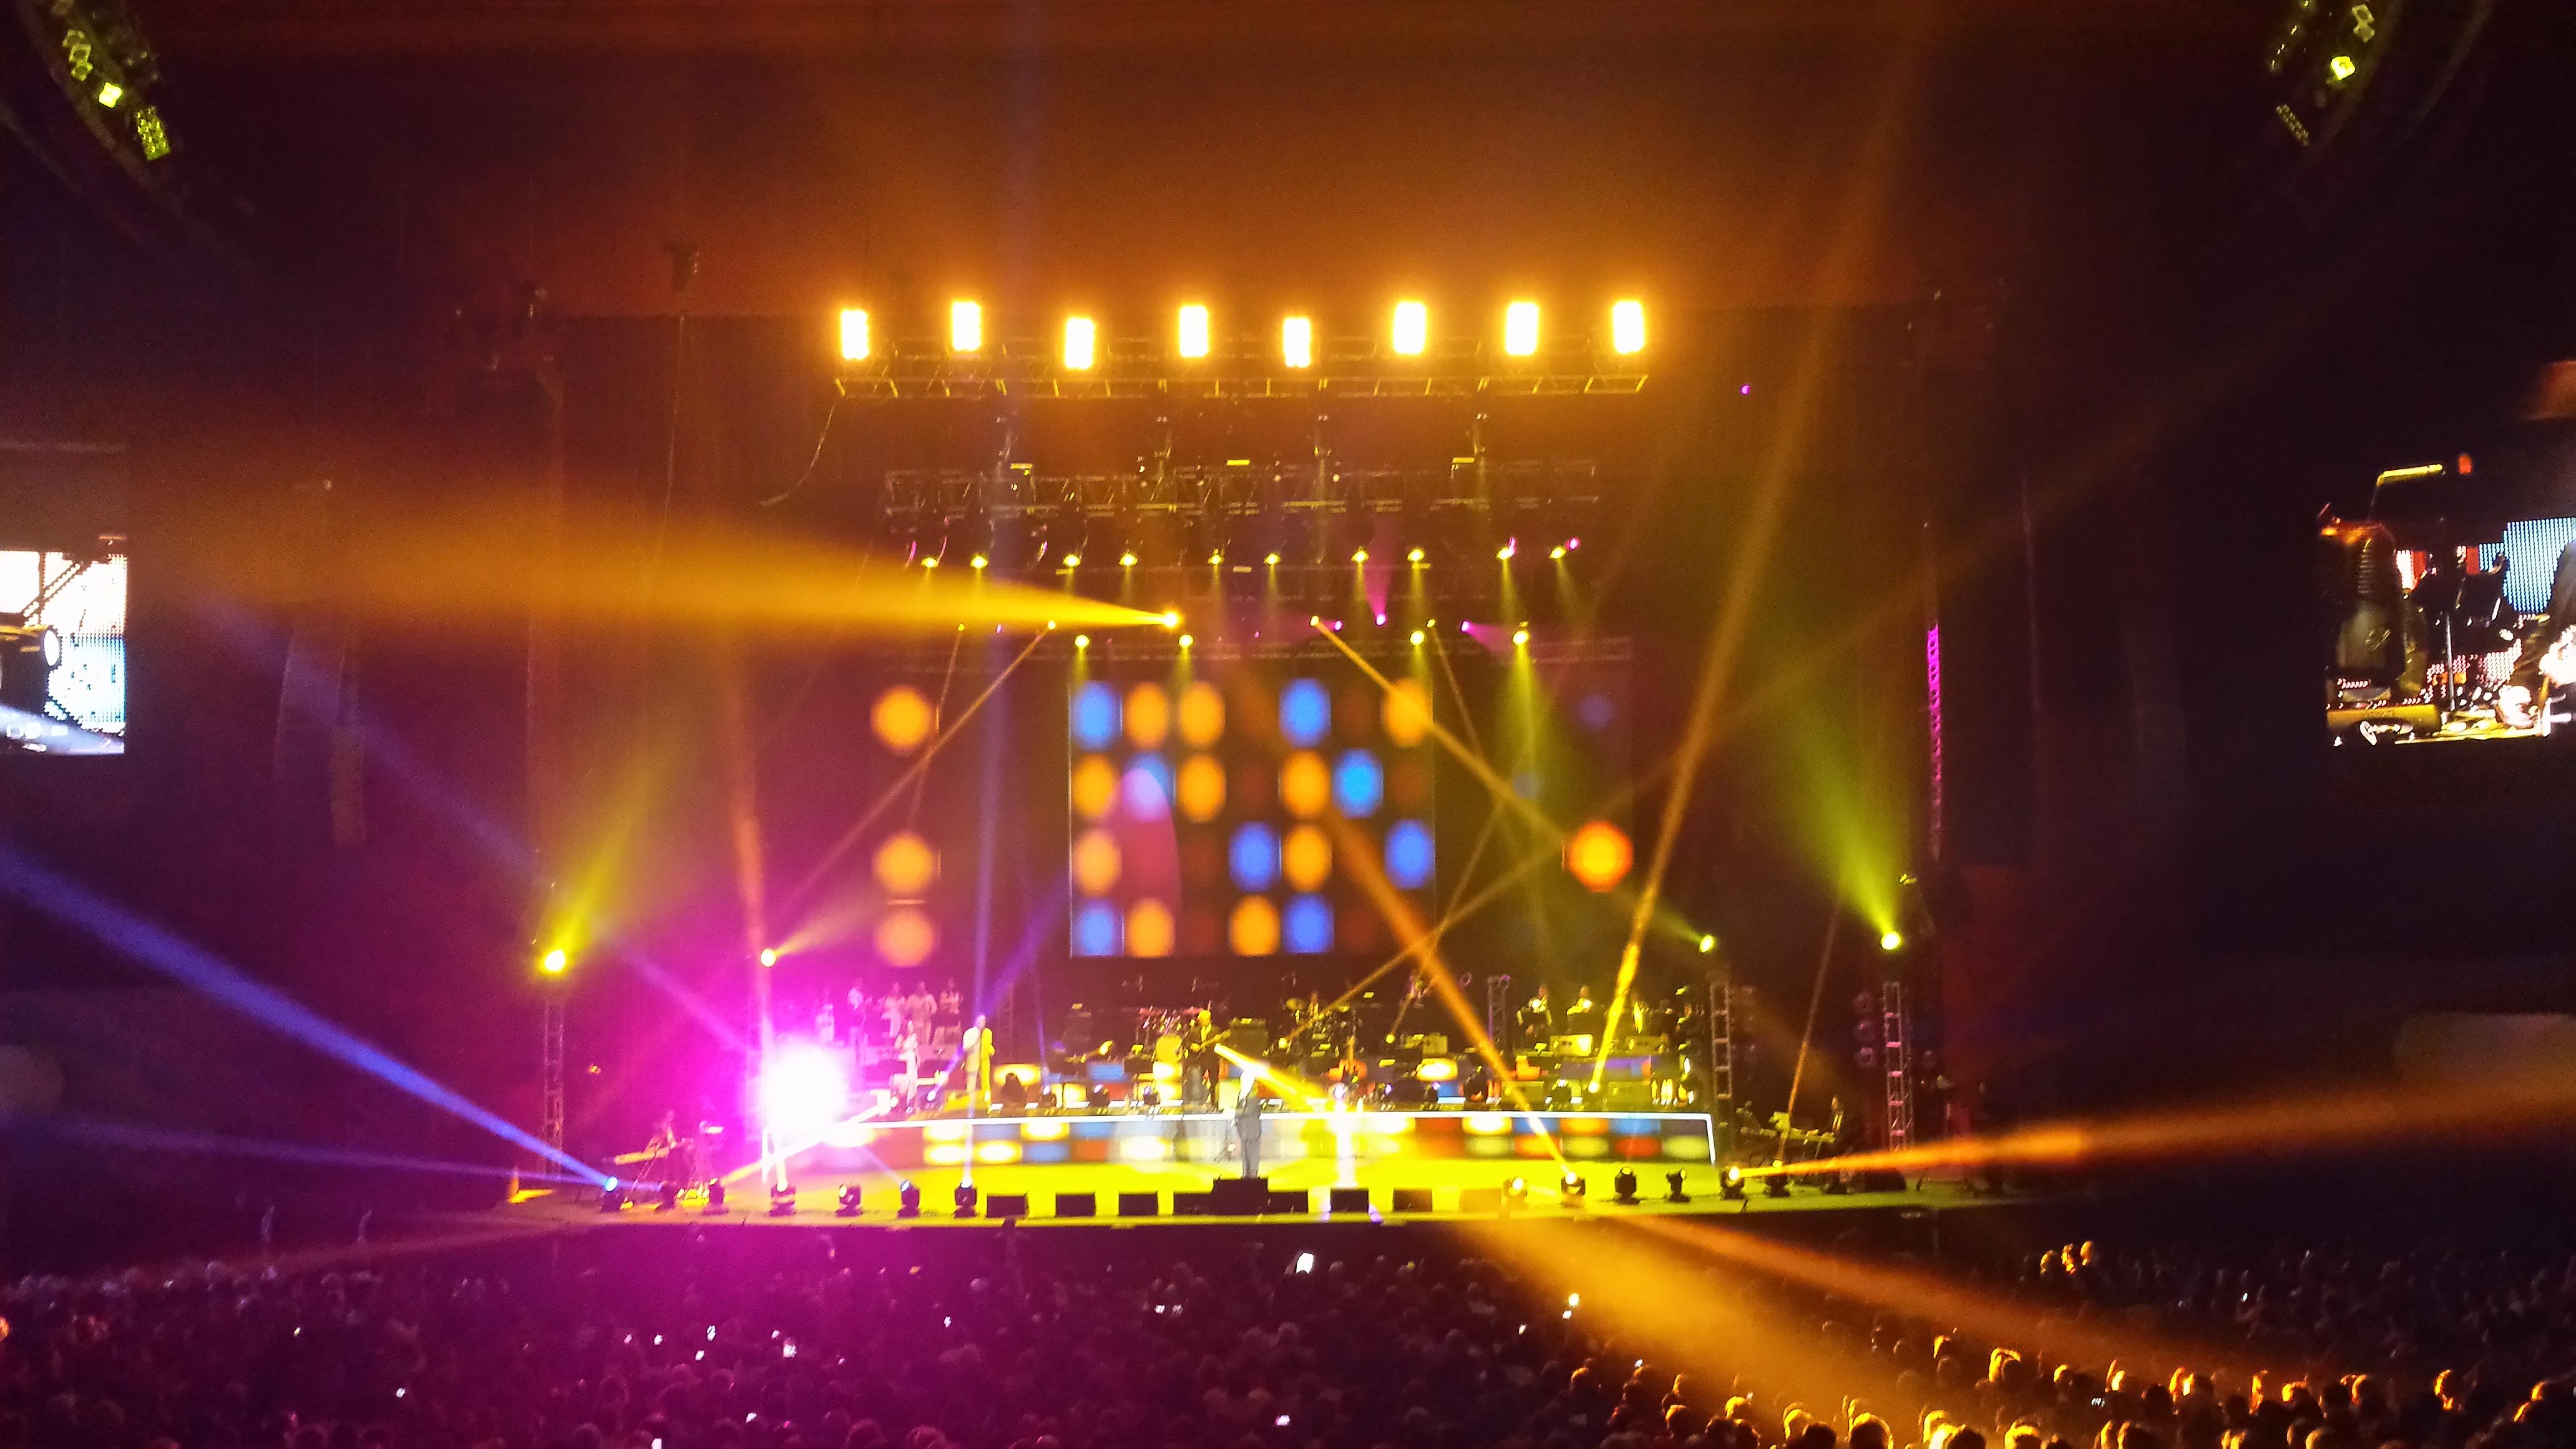 Producci n iluminaci n video produce sin estr s - Enrique iluminacion ...